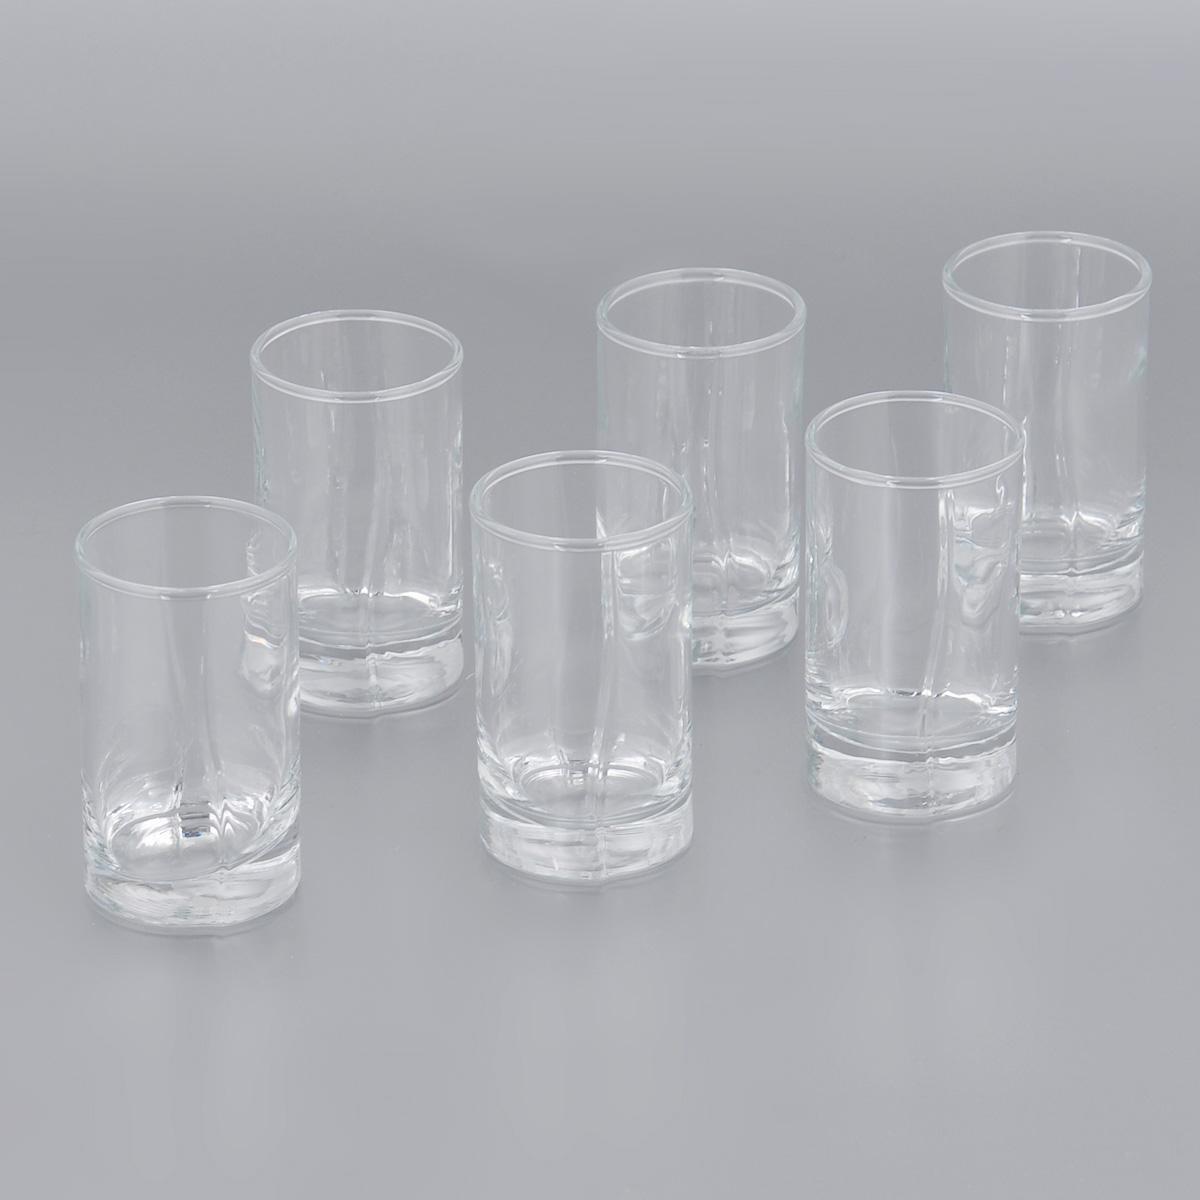 Набор стопок Pasabahce Luna, 60 мл, 6 шт42043BНабор Pasabahce Luna, выполненный из прочного натрий-кальций-силикатного стекла, состоит из шести стопок. Стопки, оснащенные утолщенным дном, прекрасно подойдут для подачи водки или ликера. Эстетичность, функциональность и изящный дизайн сделают набор достойным дополнением к вашему кухонному инвентарю. Набор стопок Pasabahce Luna украсит ваш стол и станет отличным подарком к любому празднику. Можно использовать в микроволновой печи и мыть в посудомоечной машине. Диаметр стопки по верхнему краю: 4 см. Высота стопки: 7 см.